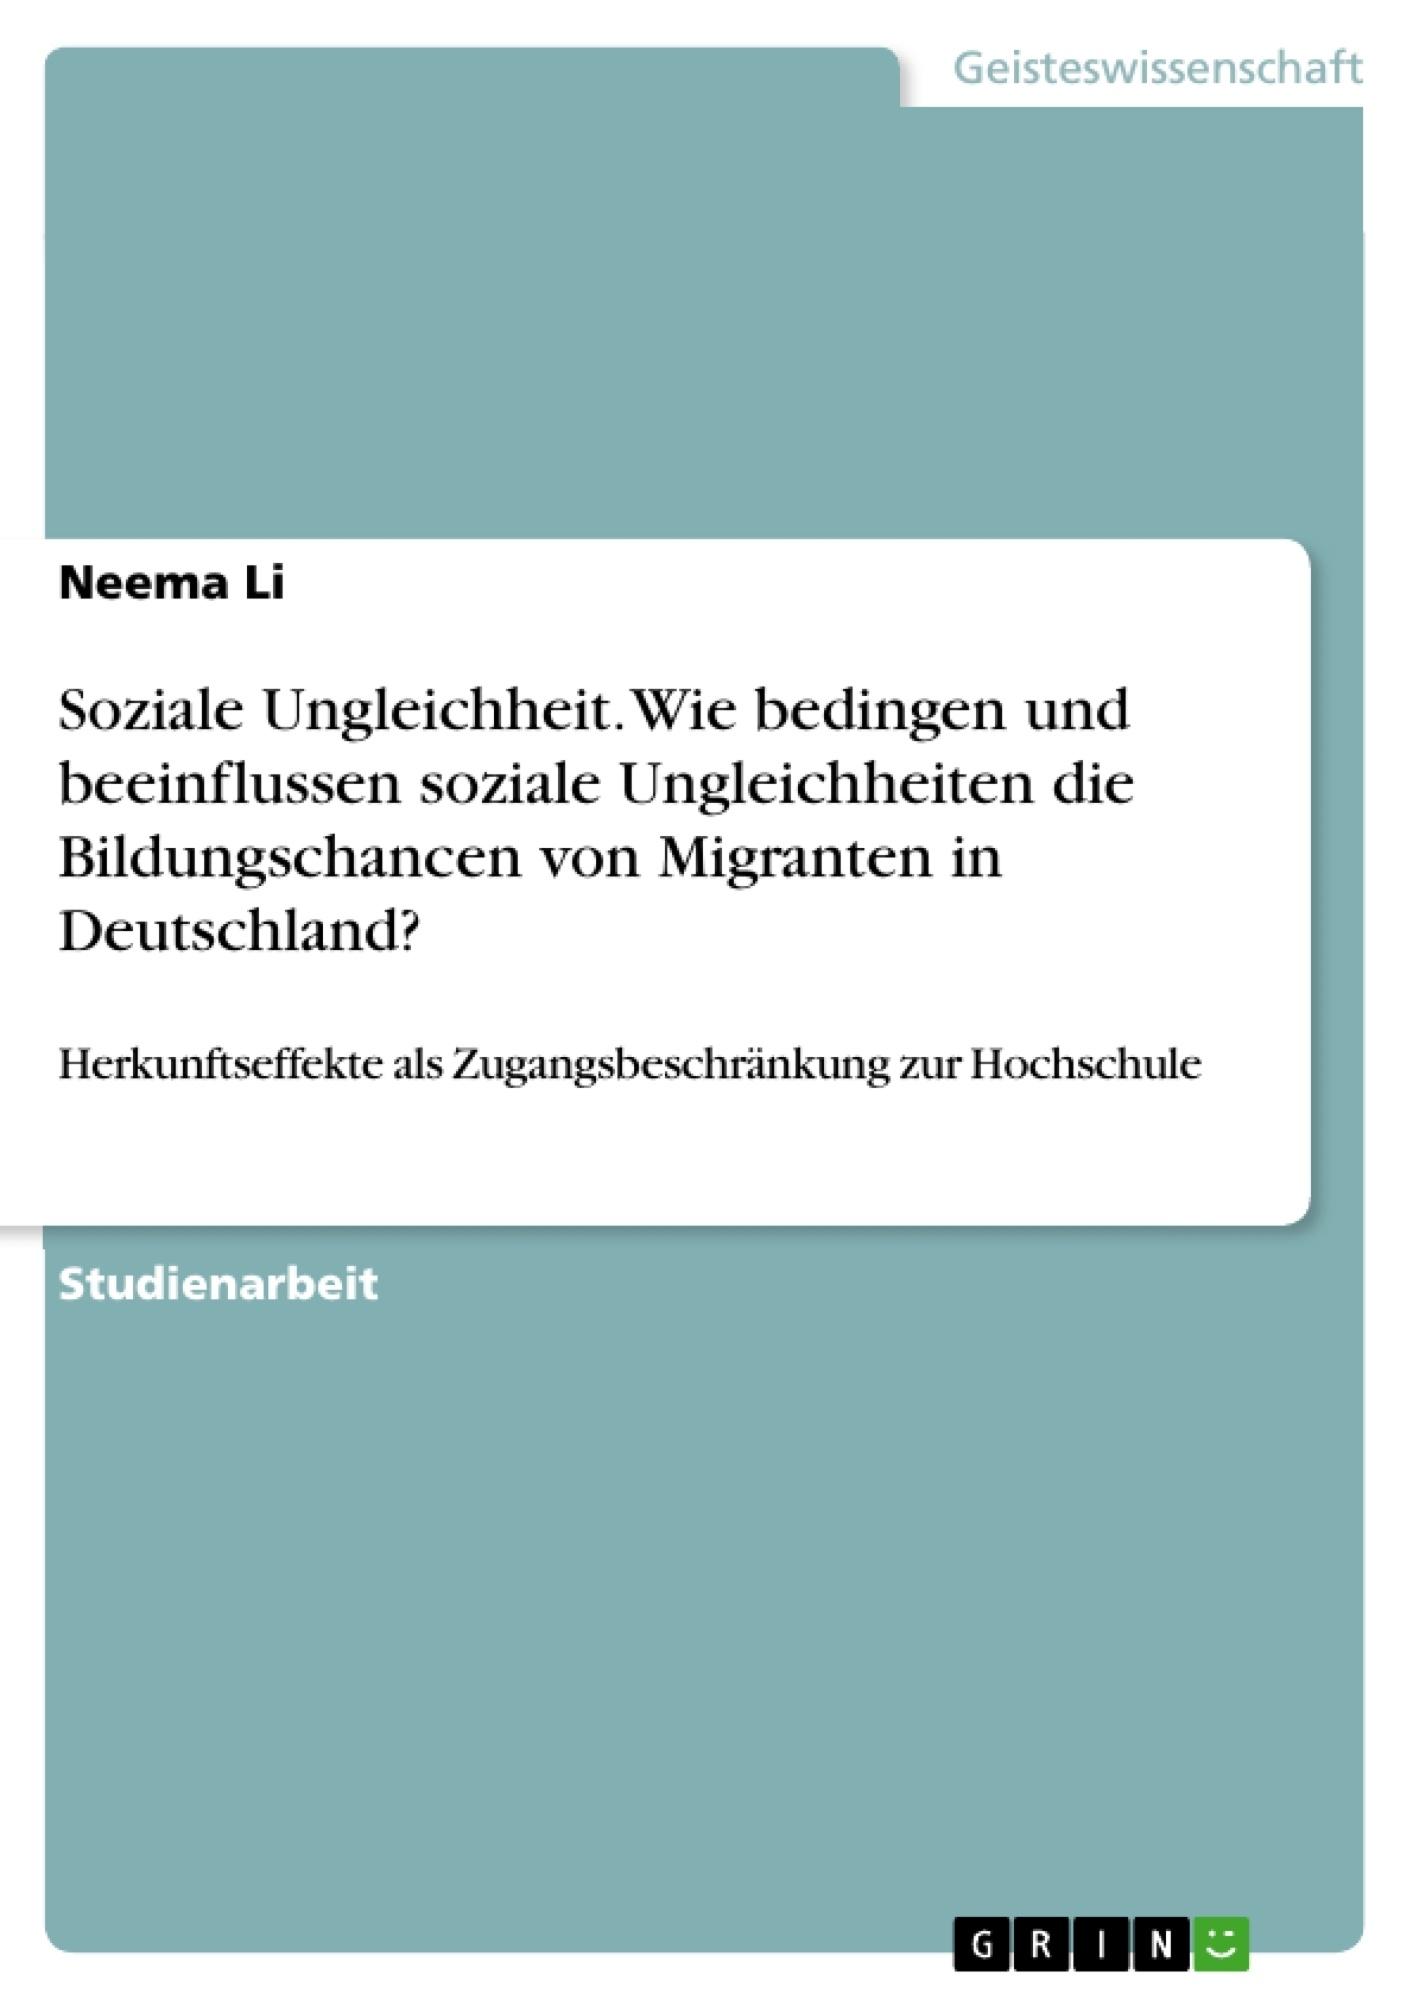 Titel: Soziale Ungleichheit. Wie bedingen und beeinflussen soziale Ungleichheiten die Bildungschancen von Migranten in Deutschland?